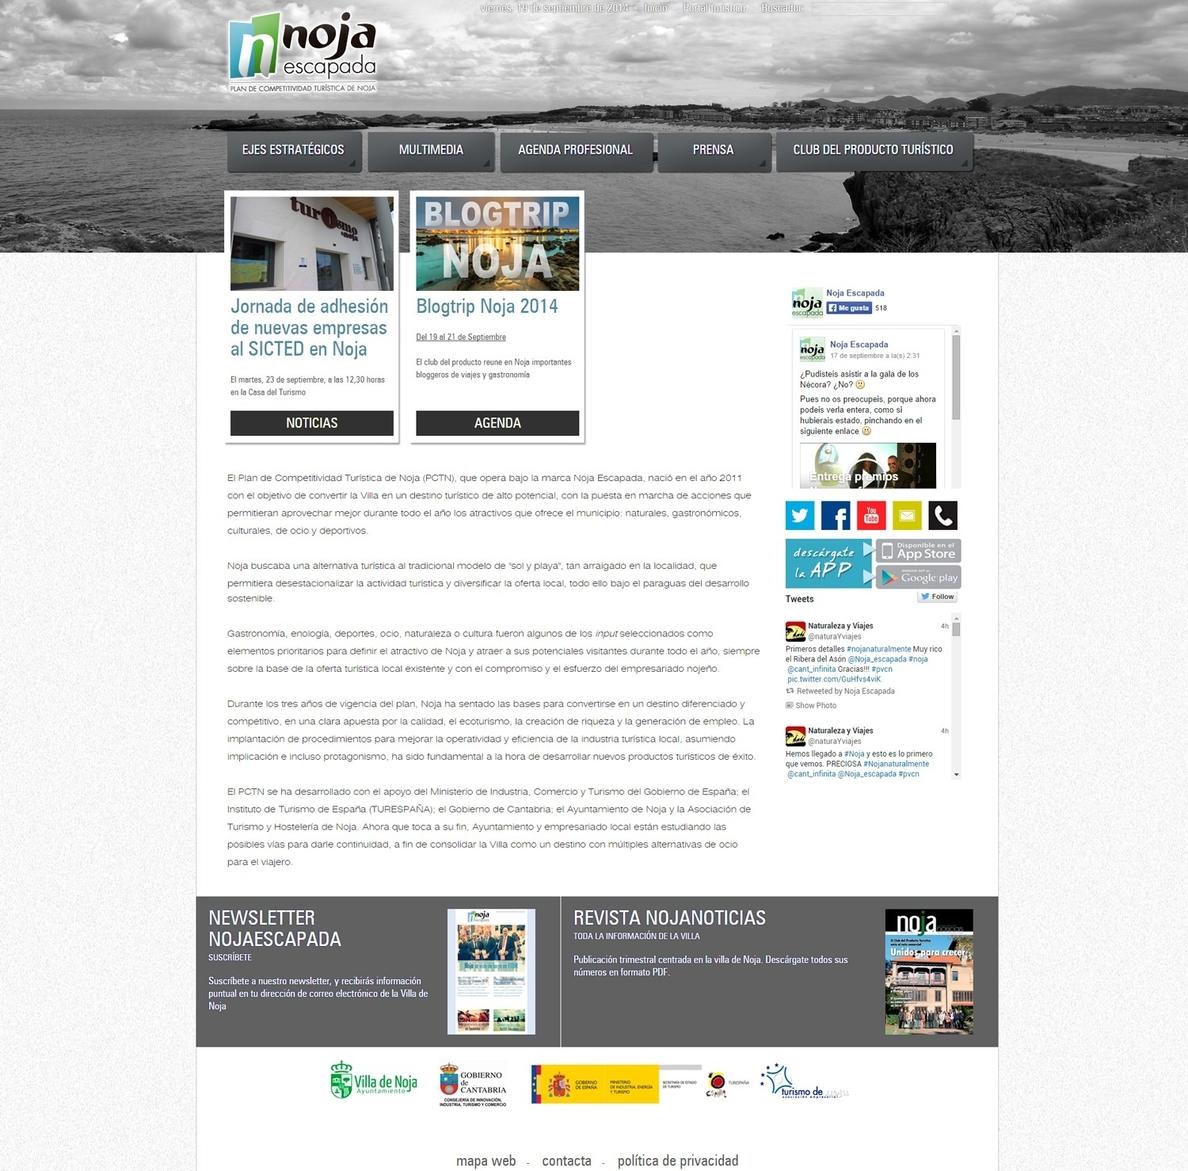 Noja Escapada estrena web para profesionales turísticos